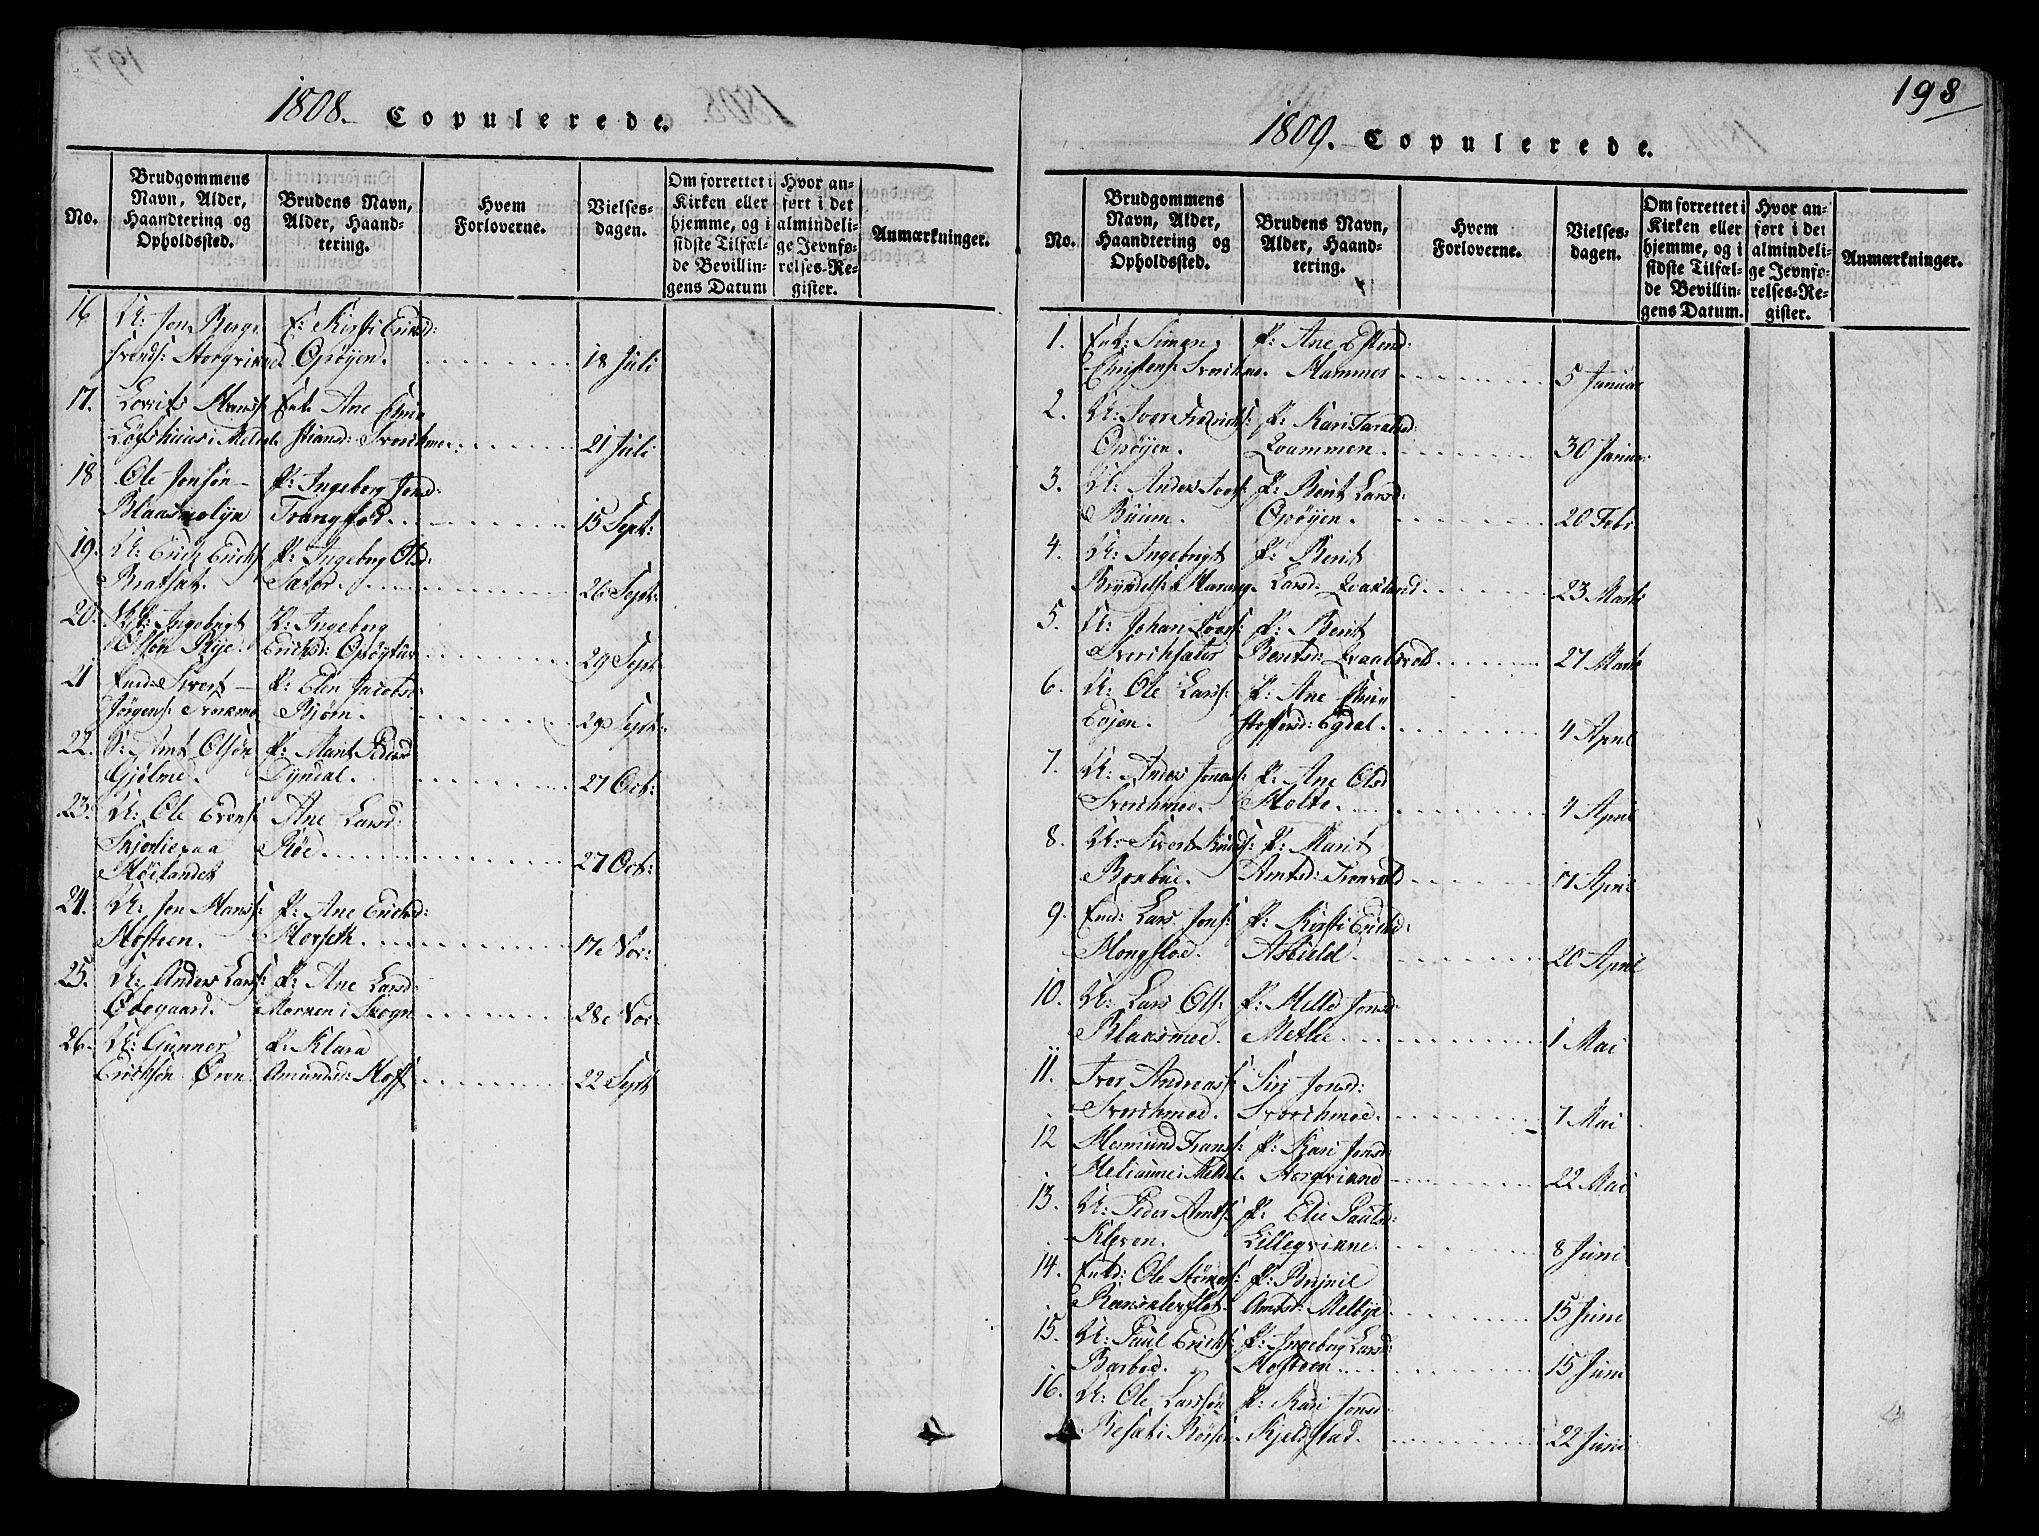 SAT, Ministerialprotokoller, klokkerbøker og fødselsregistre - Sør-Trøndelag, 668/L0803: Ministerialbok nr. 668A03, 1800-1826, s. 198